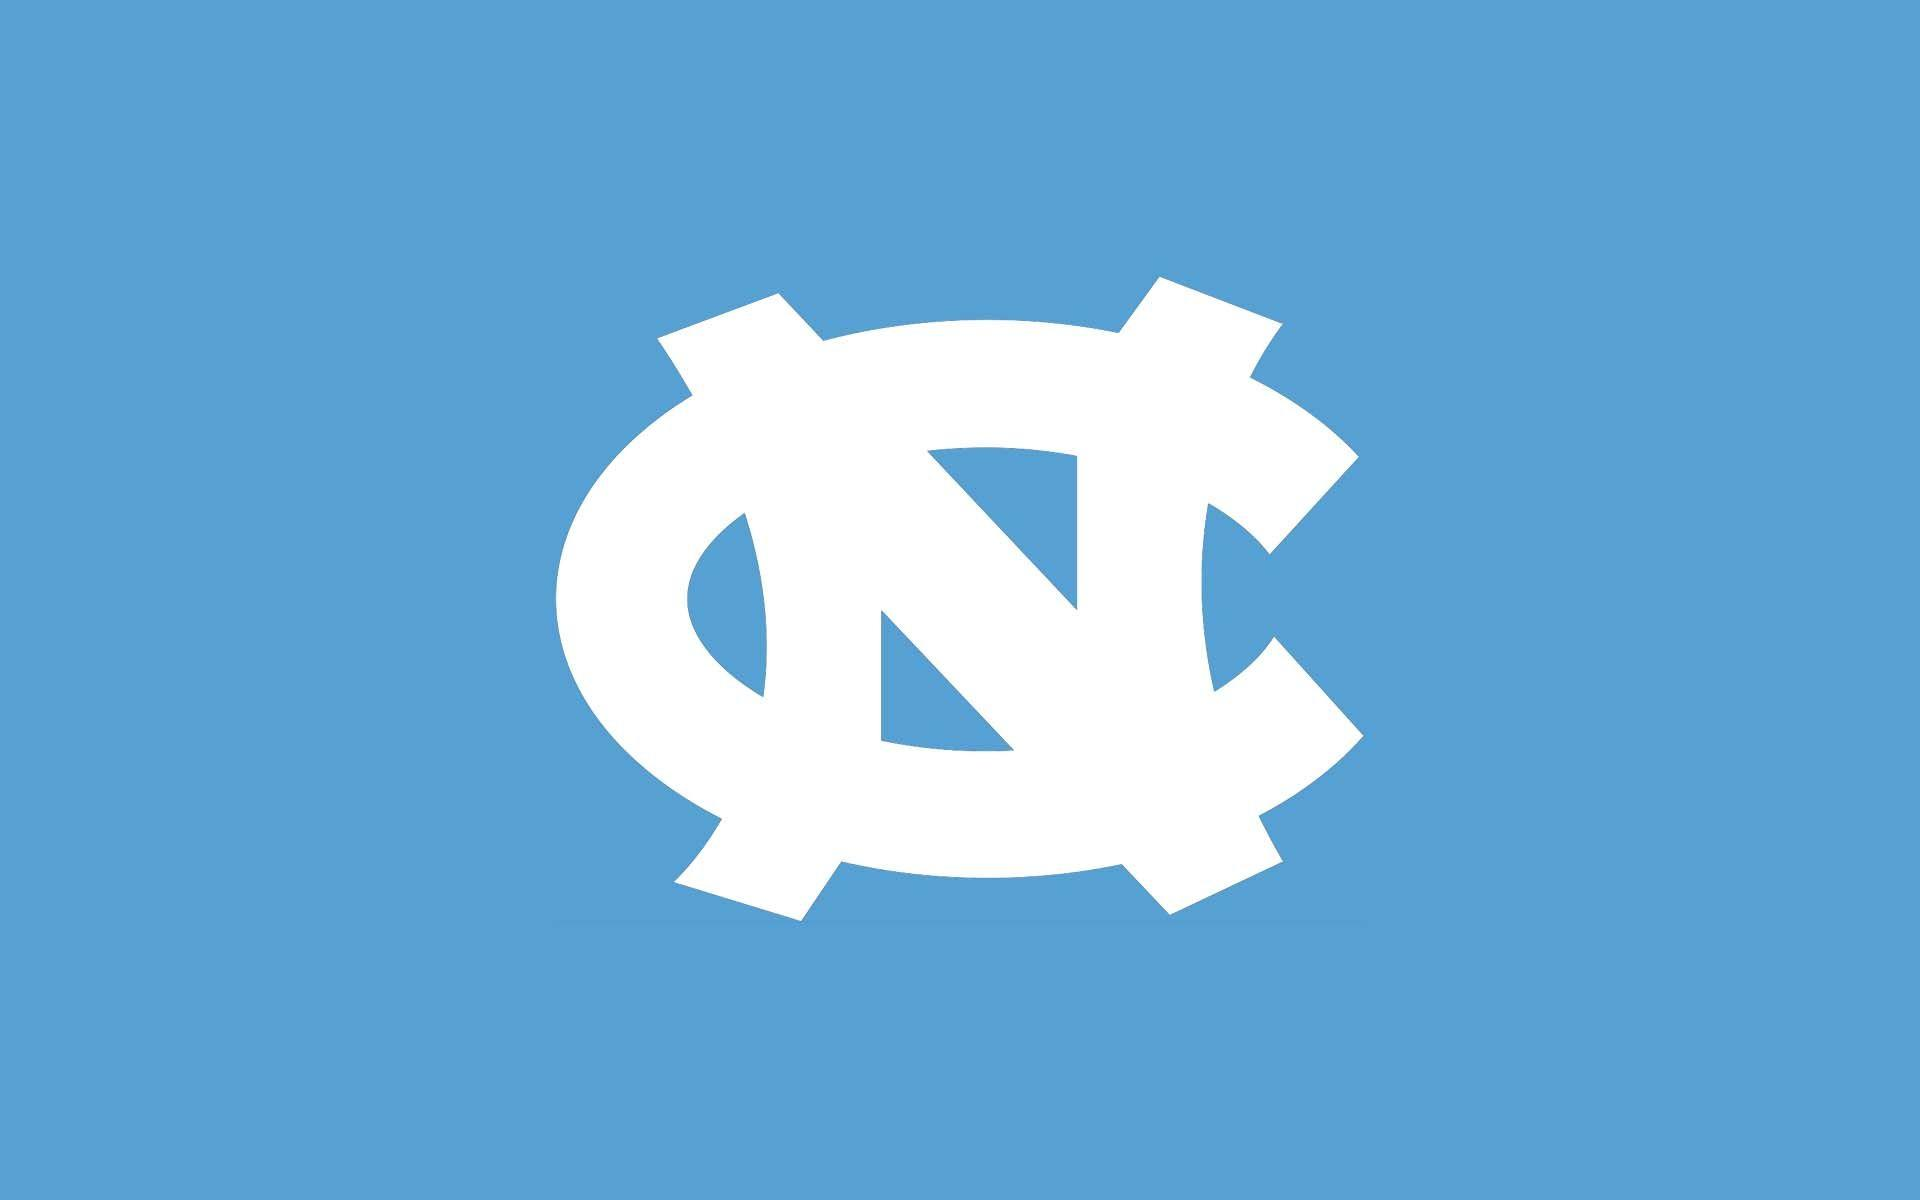 North Carolina Tar Heels Basketball Wallpapers Group (55)